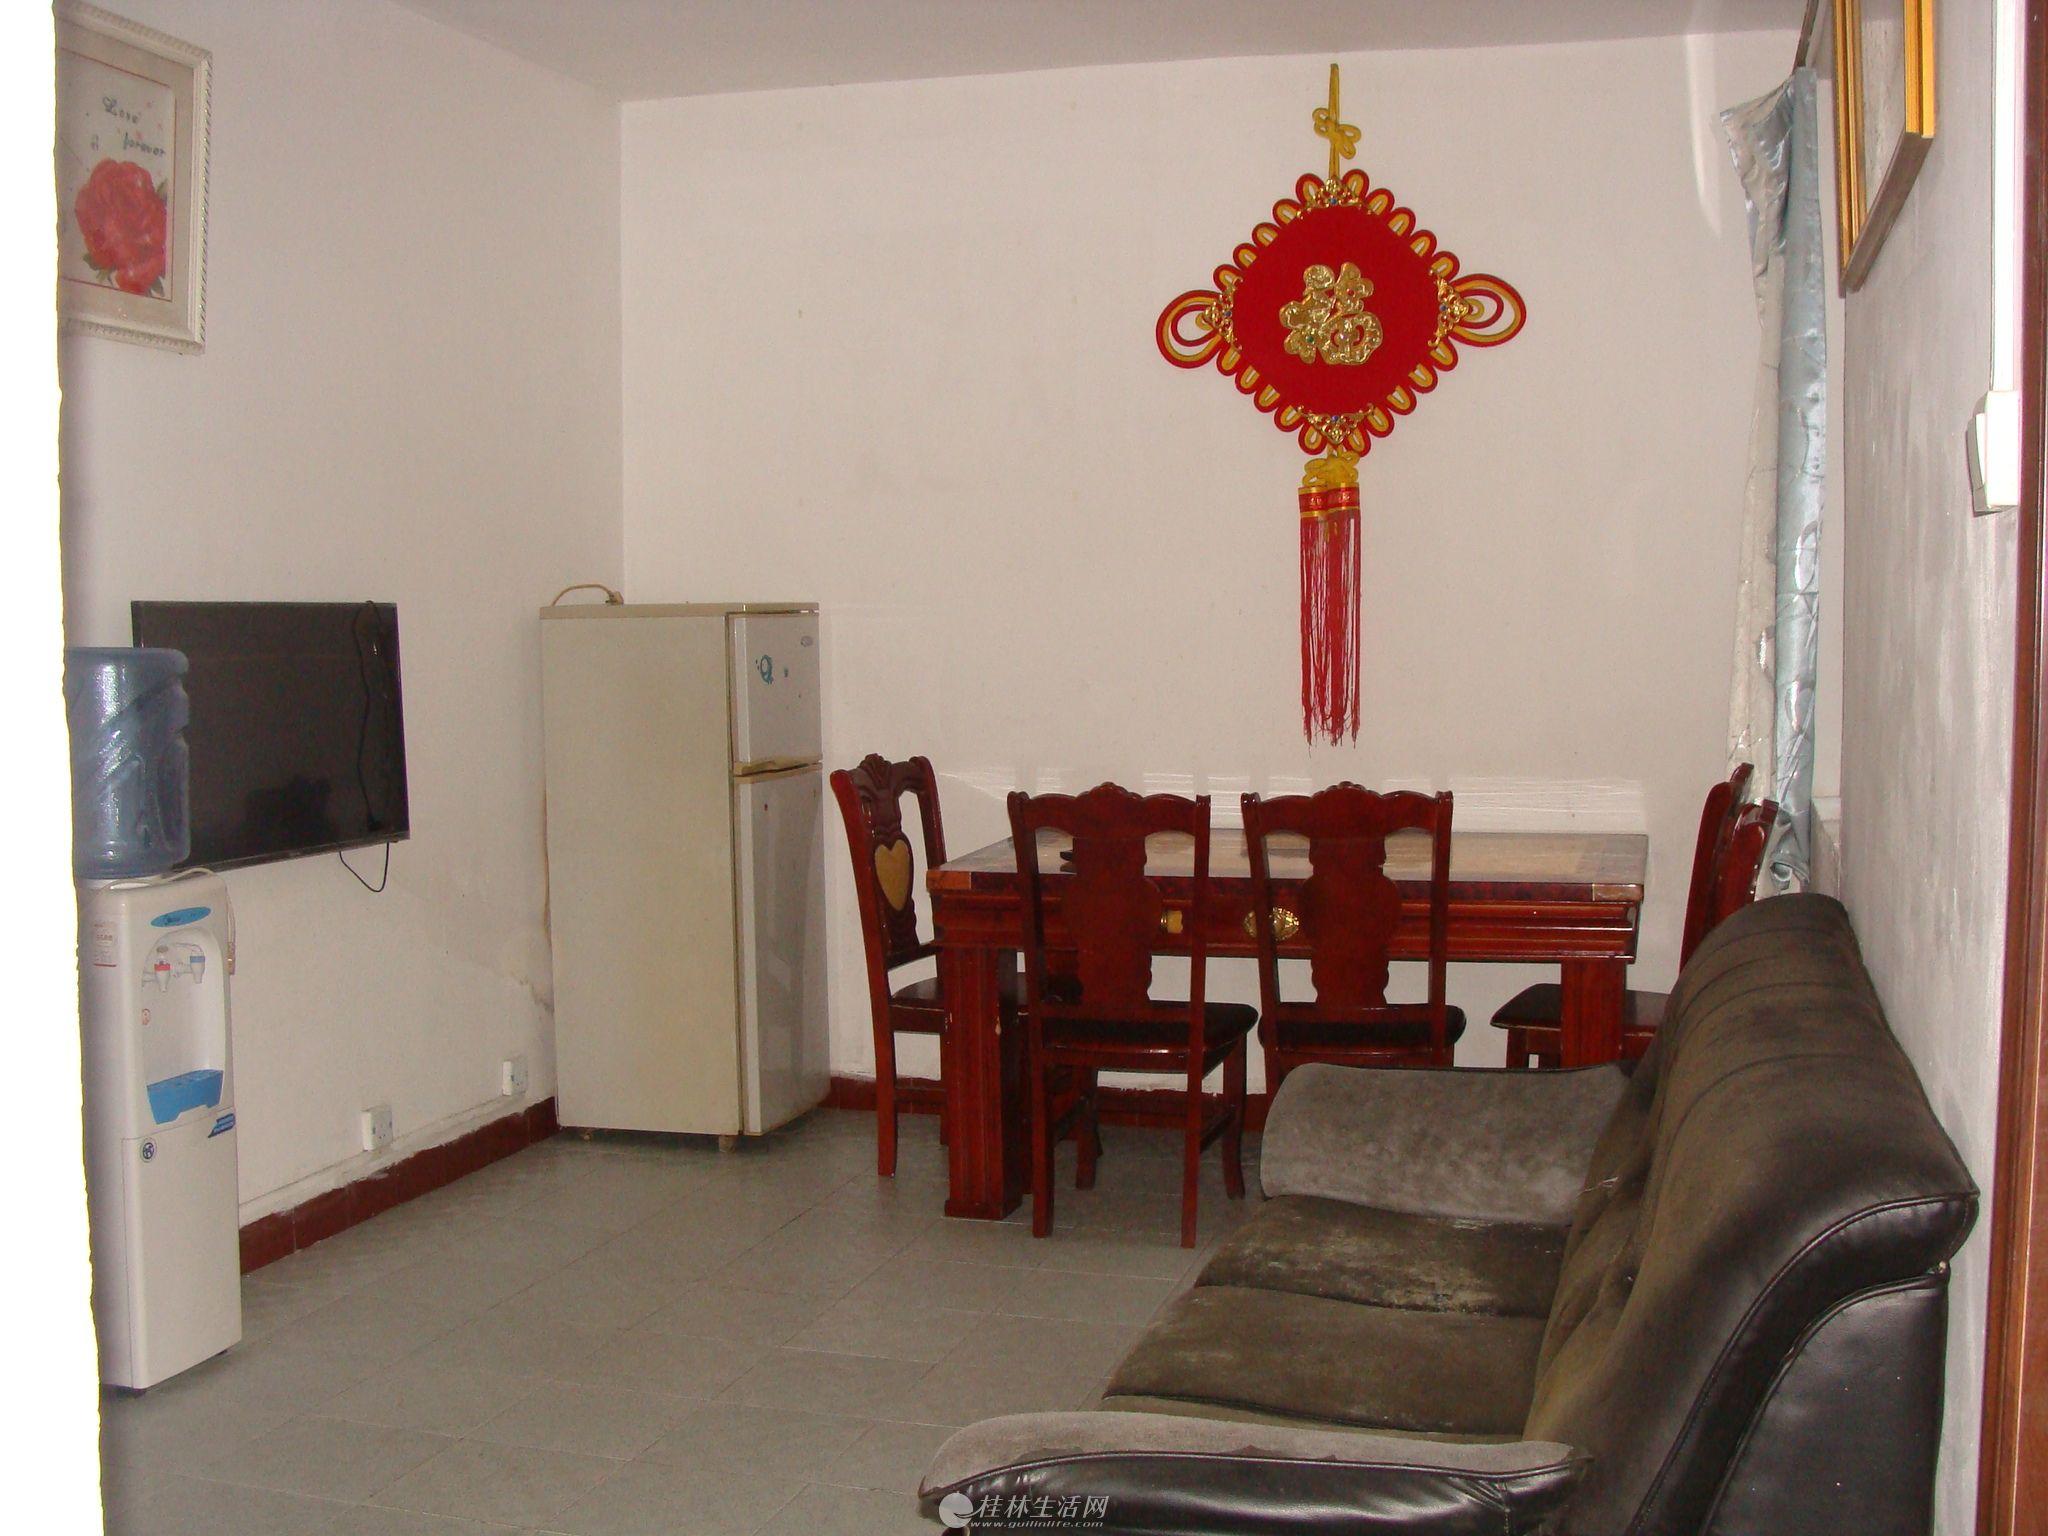 丽君路西山九岗岭对面篦子园小区桂林银行旁一楼2房1厅干净温馨电器家具齐全